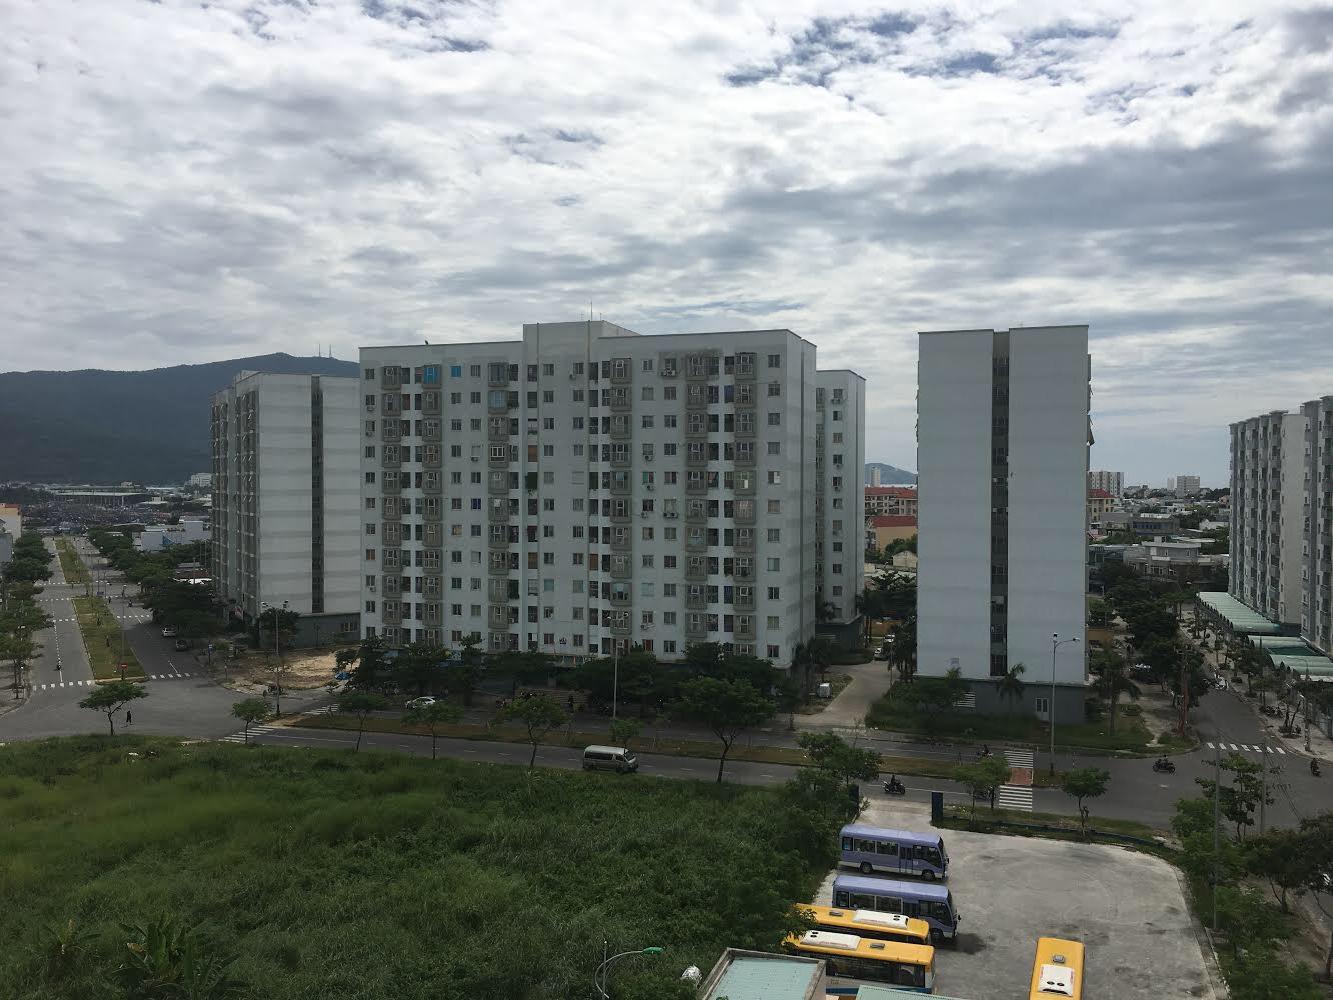 Đà Nẵng: Tăng cường trách nhiệm quản lý, sử dụng nhà chung cư